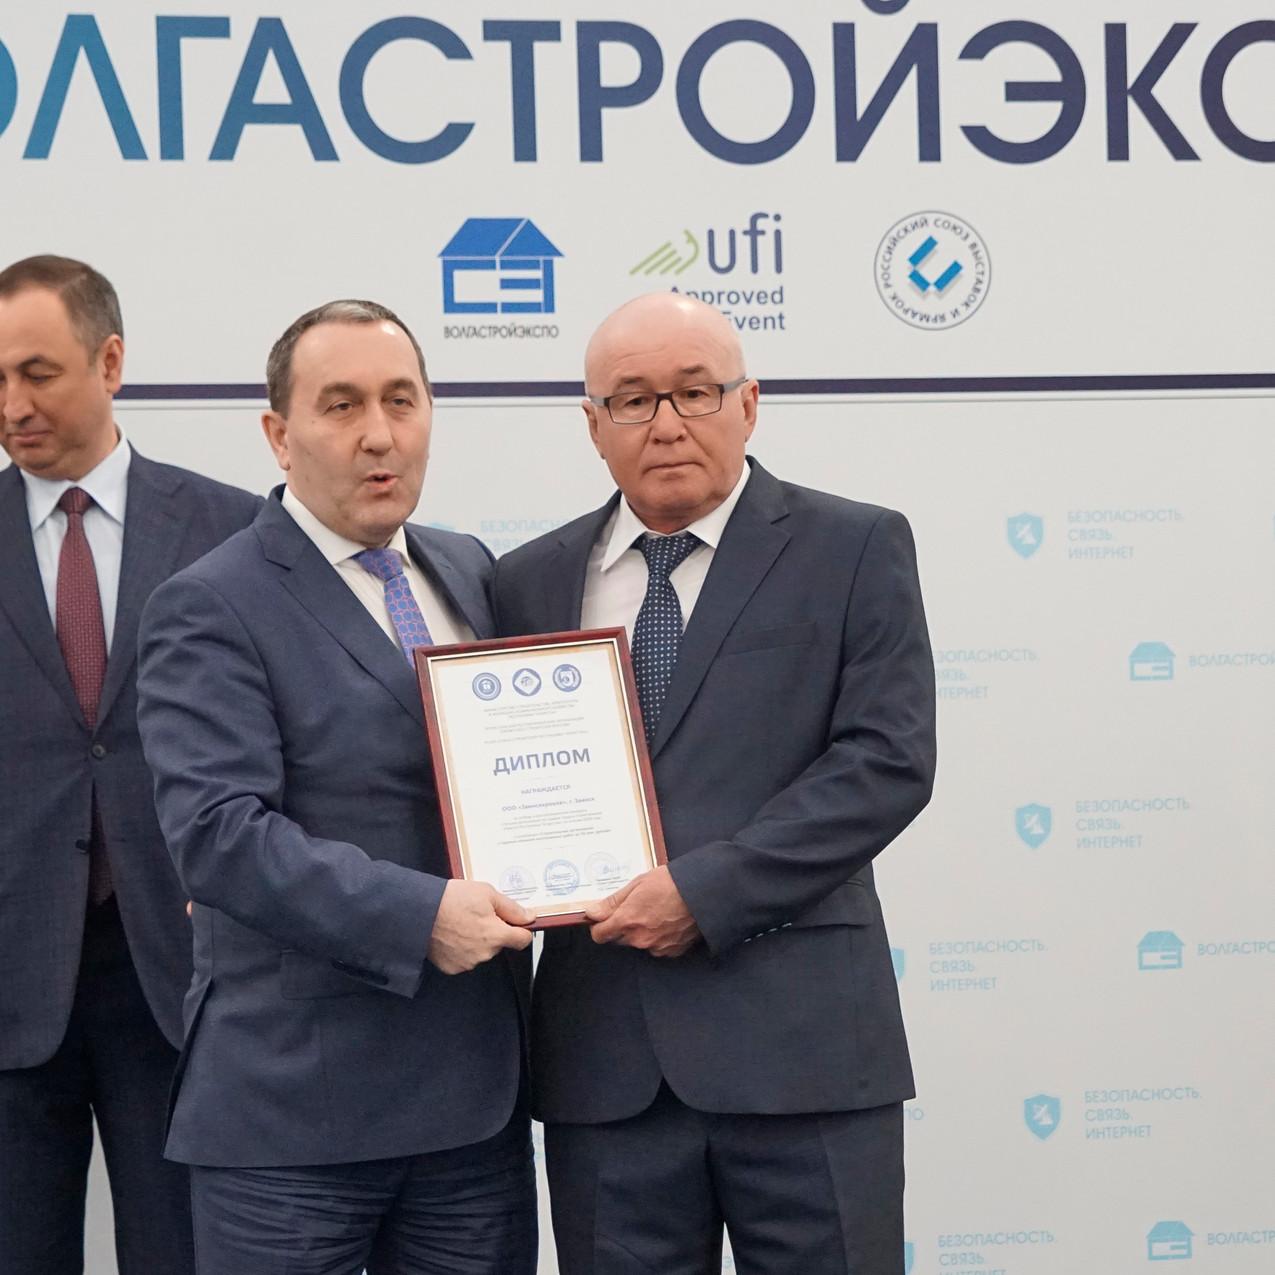 Волгастройэкспо 2019 (2)